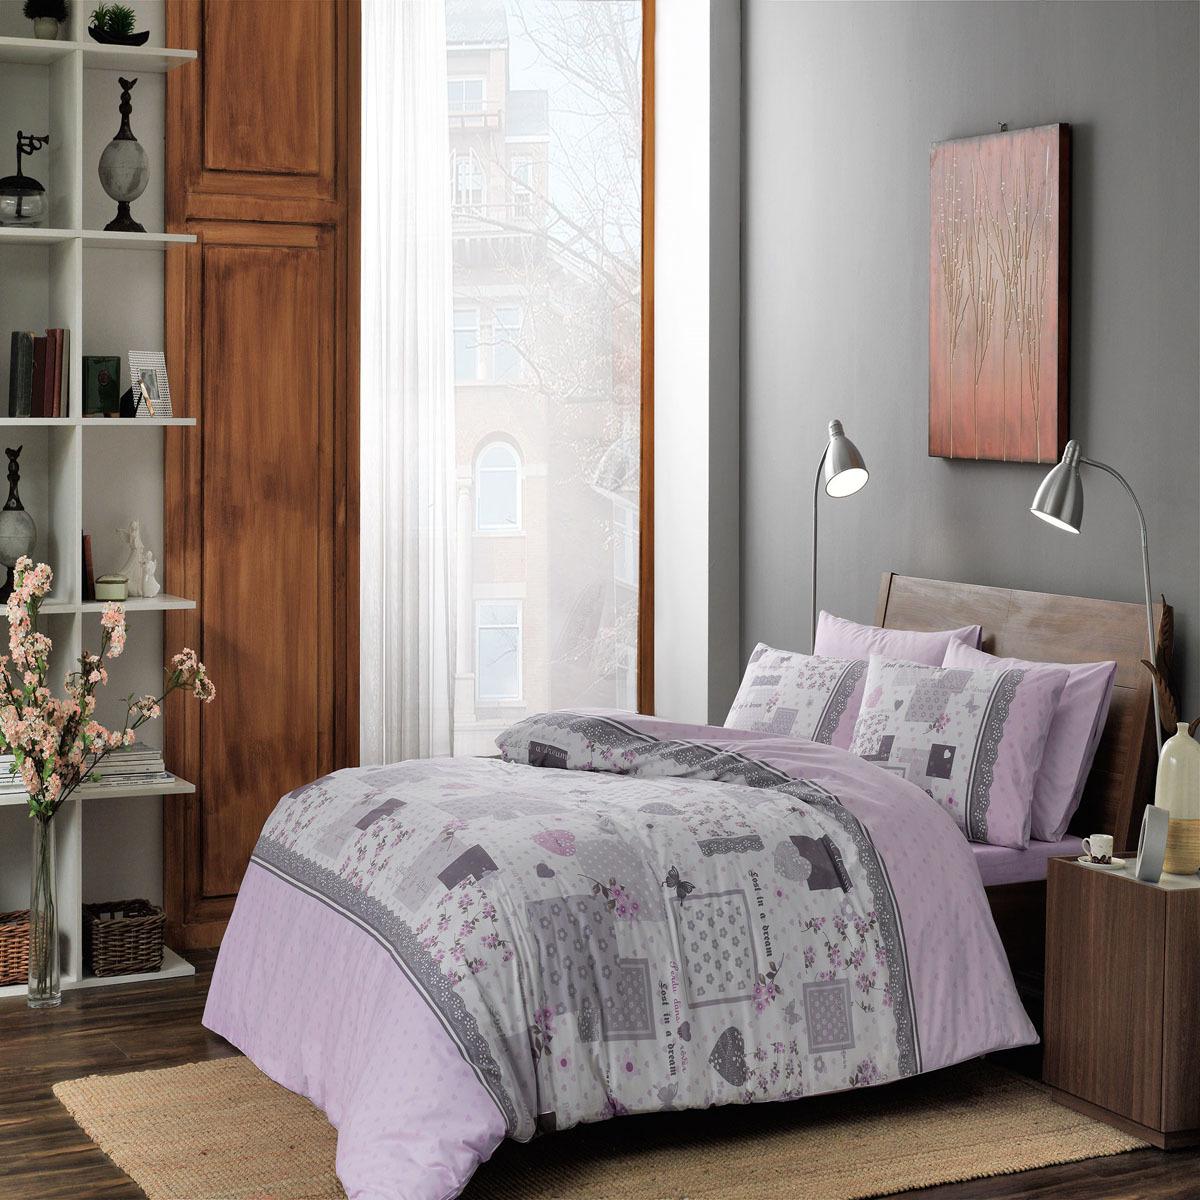 Комплект белья ТАС Elora, 1,5-спальный, наволочки 50x70, цвет: лиловый. 4080-34522